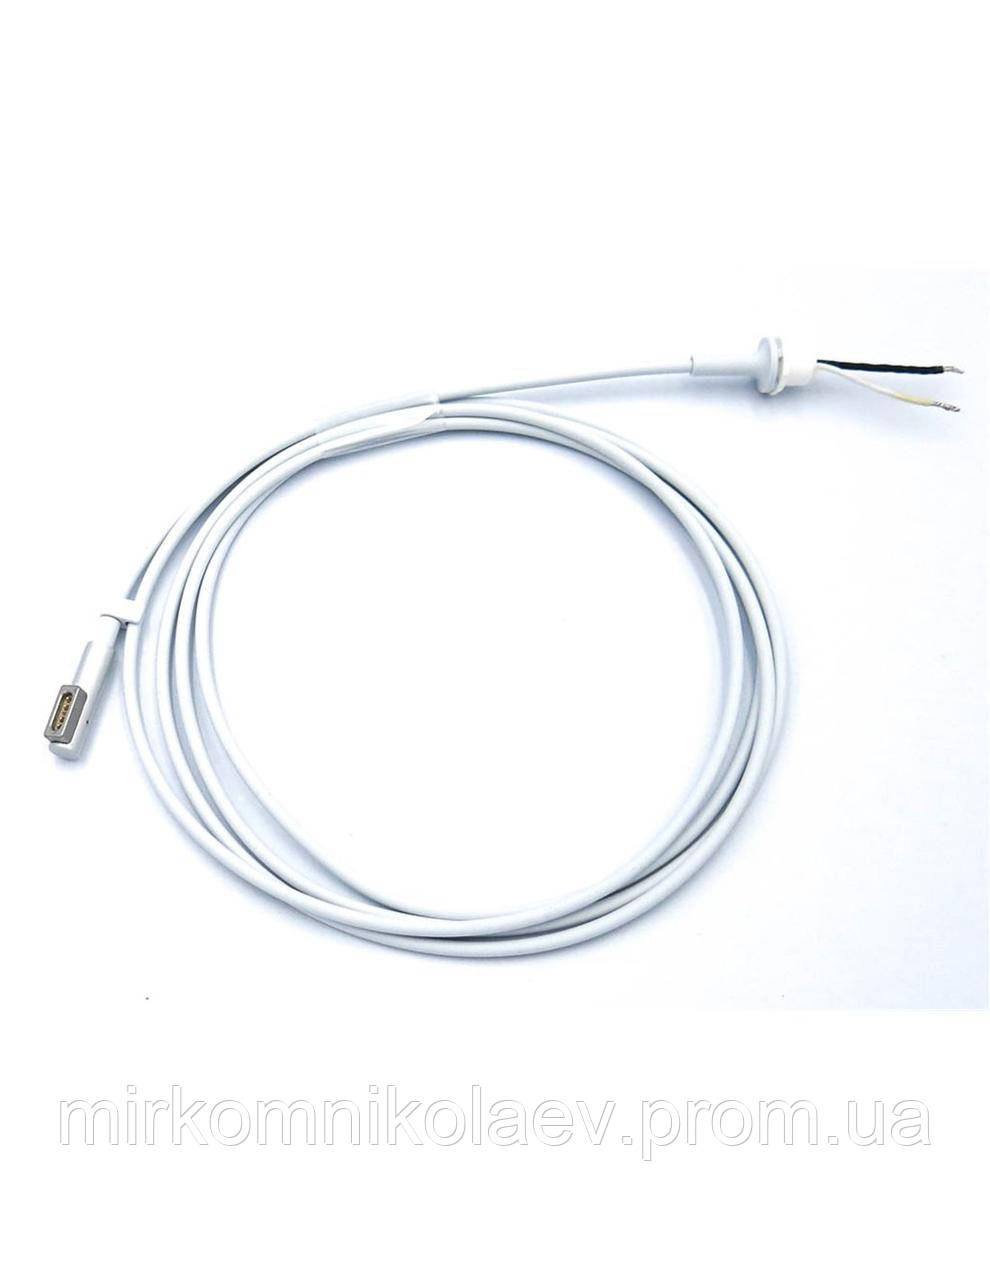 Кабель питания для ноутбука Apple Macbook Magsafe